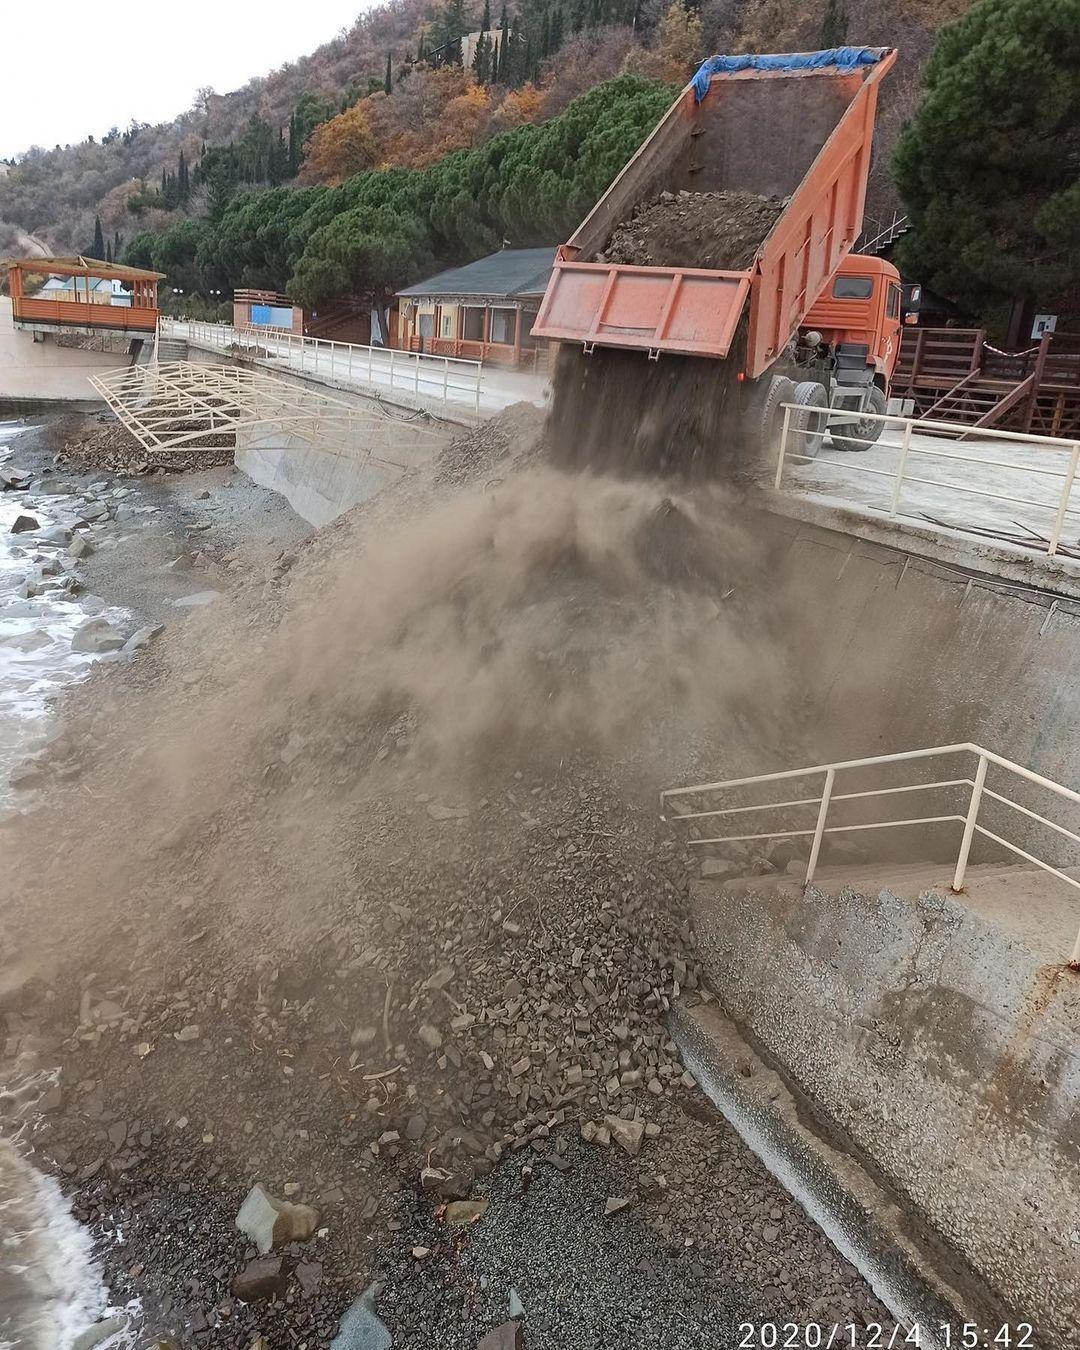 В Крыму уничтожили популярный пляж: мусор свозят самосвалами (фото)